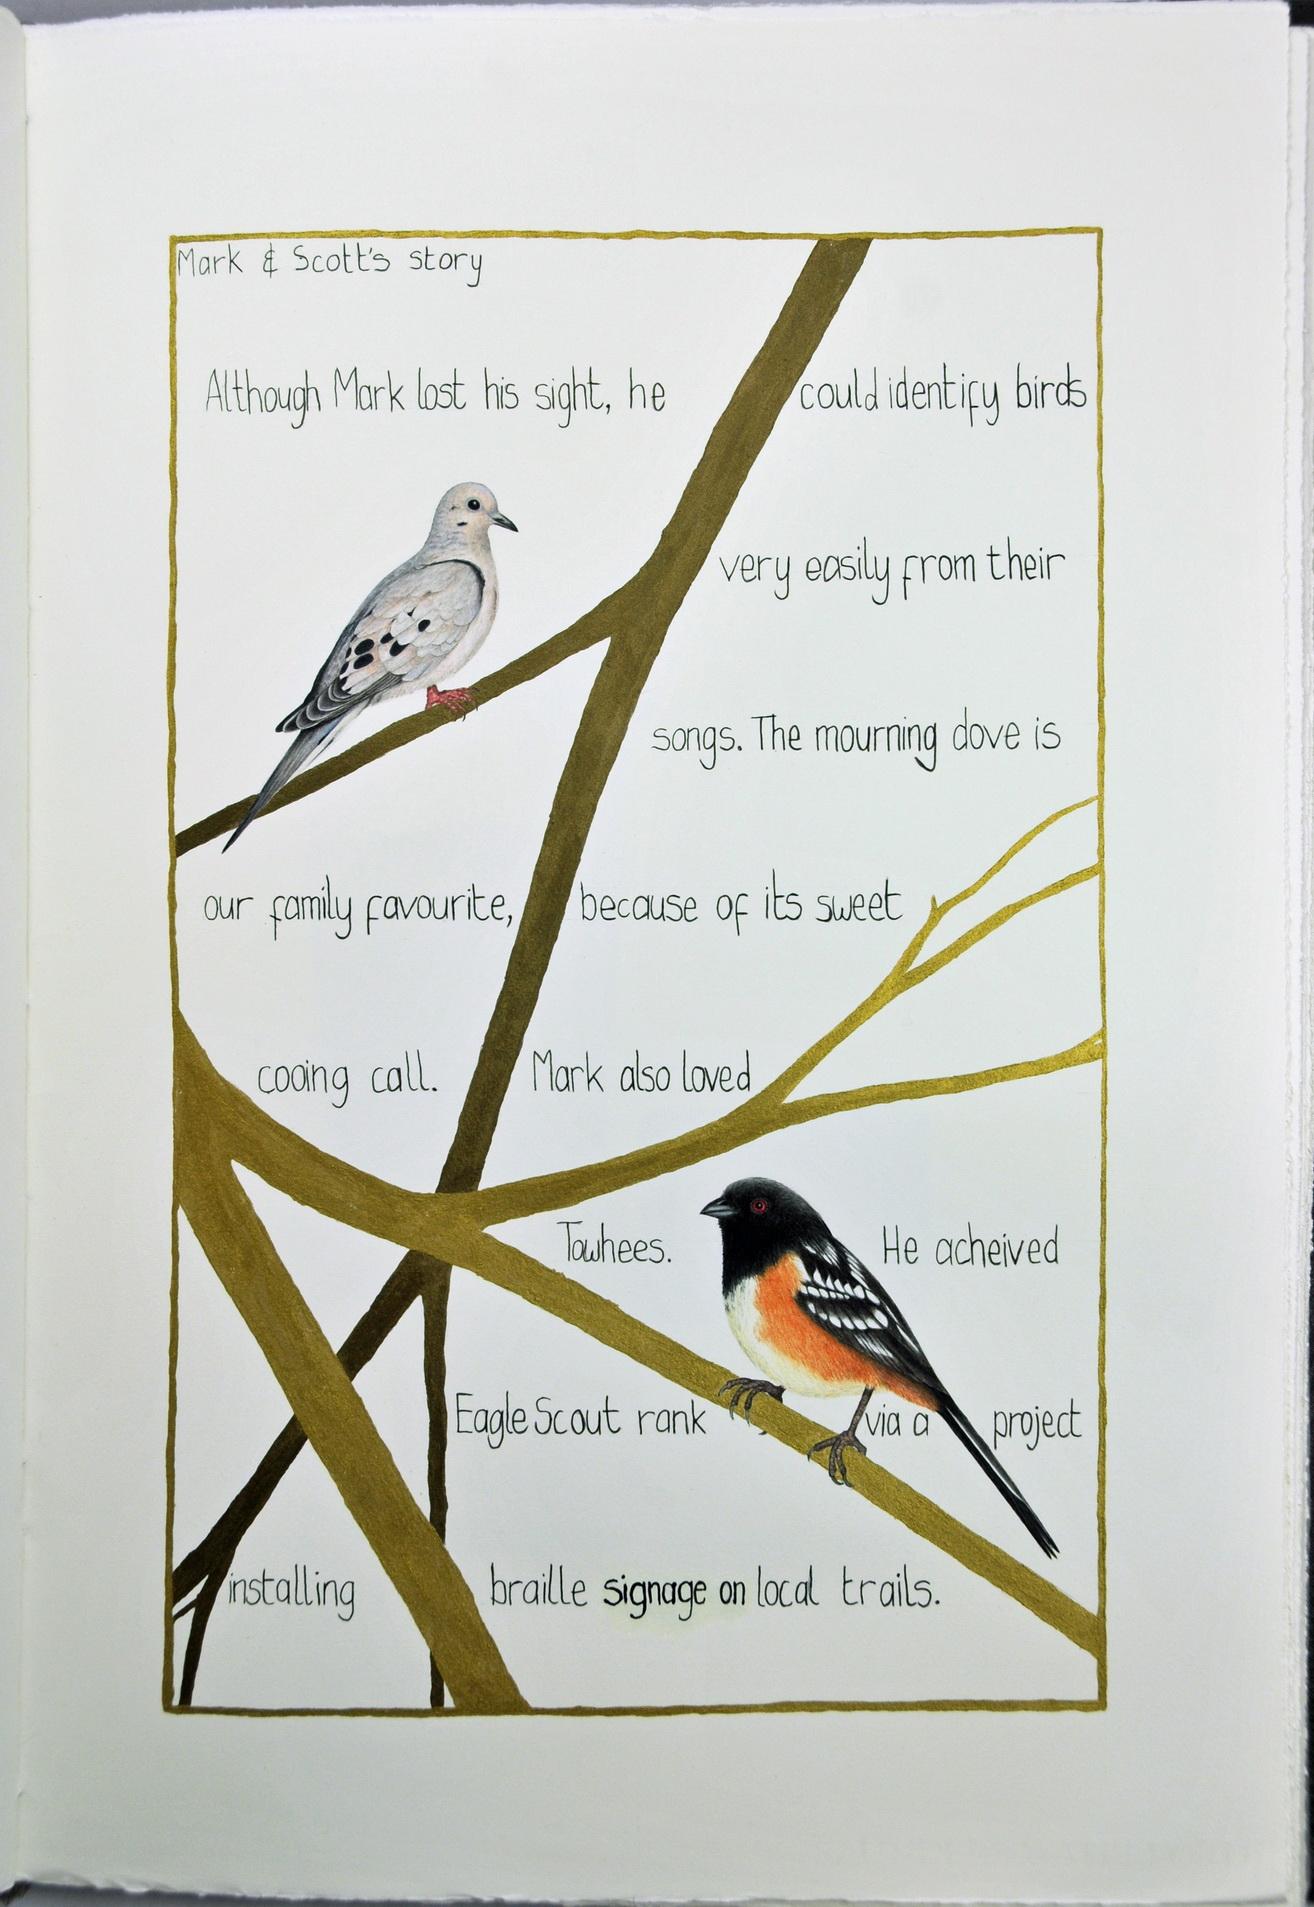 23_Chp4-Found-on-the-Journey_P9_Birds_&_Braille_resize.jpg